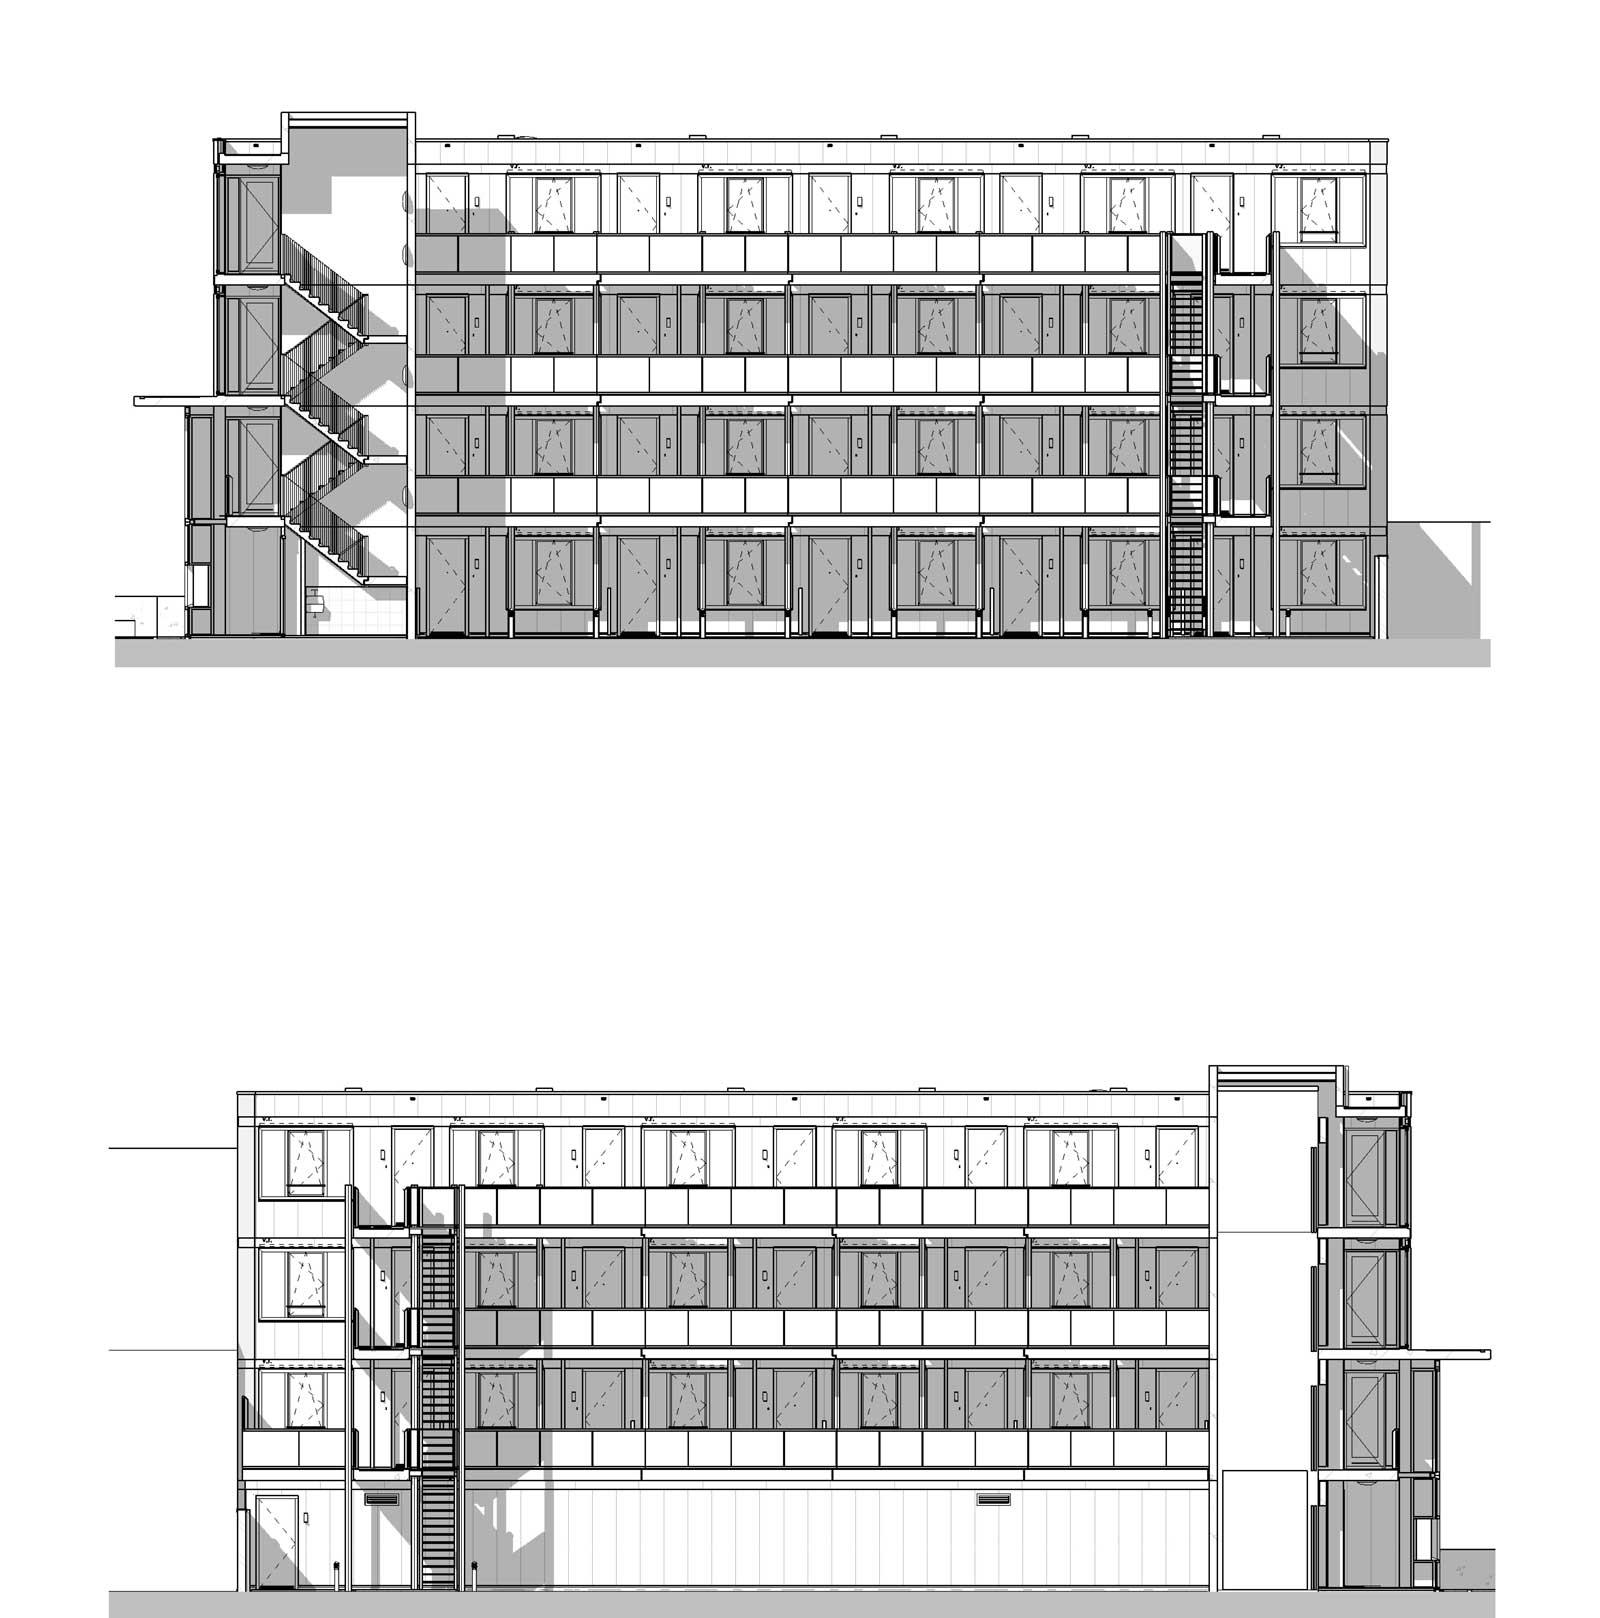 Appartementencomplex Welgelegen Blok G Utrecht - Gevelaanzichten binnenhof